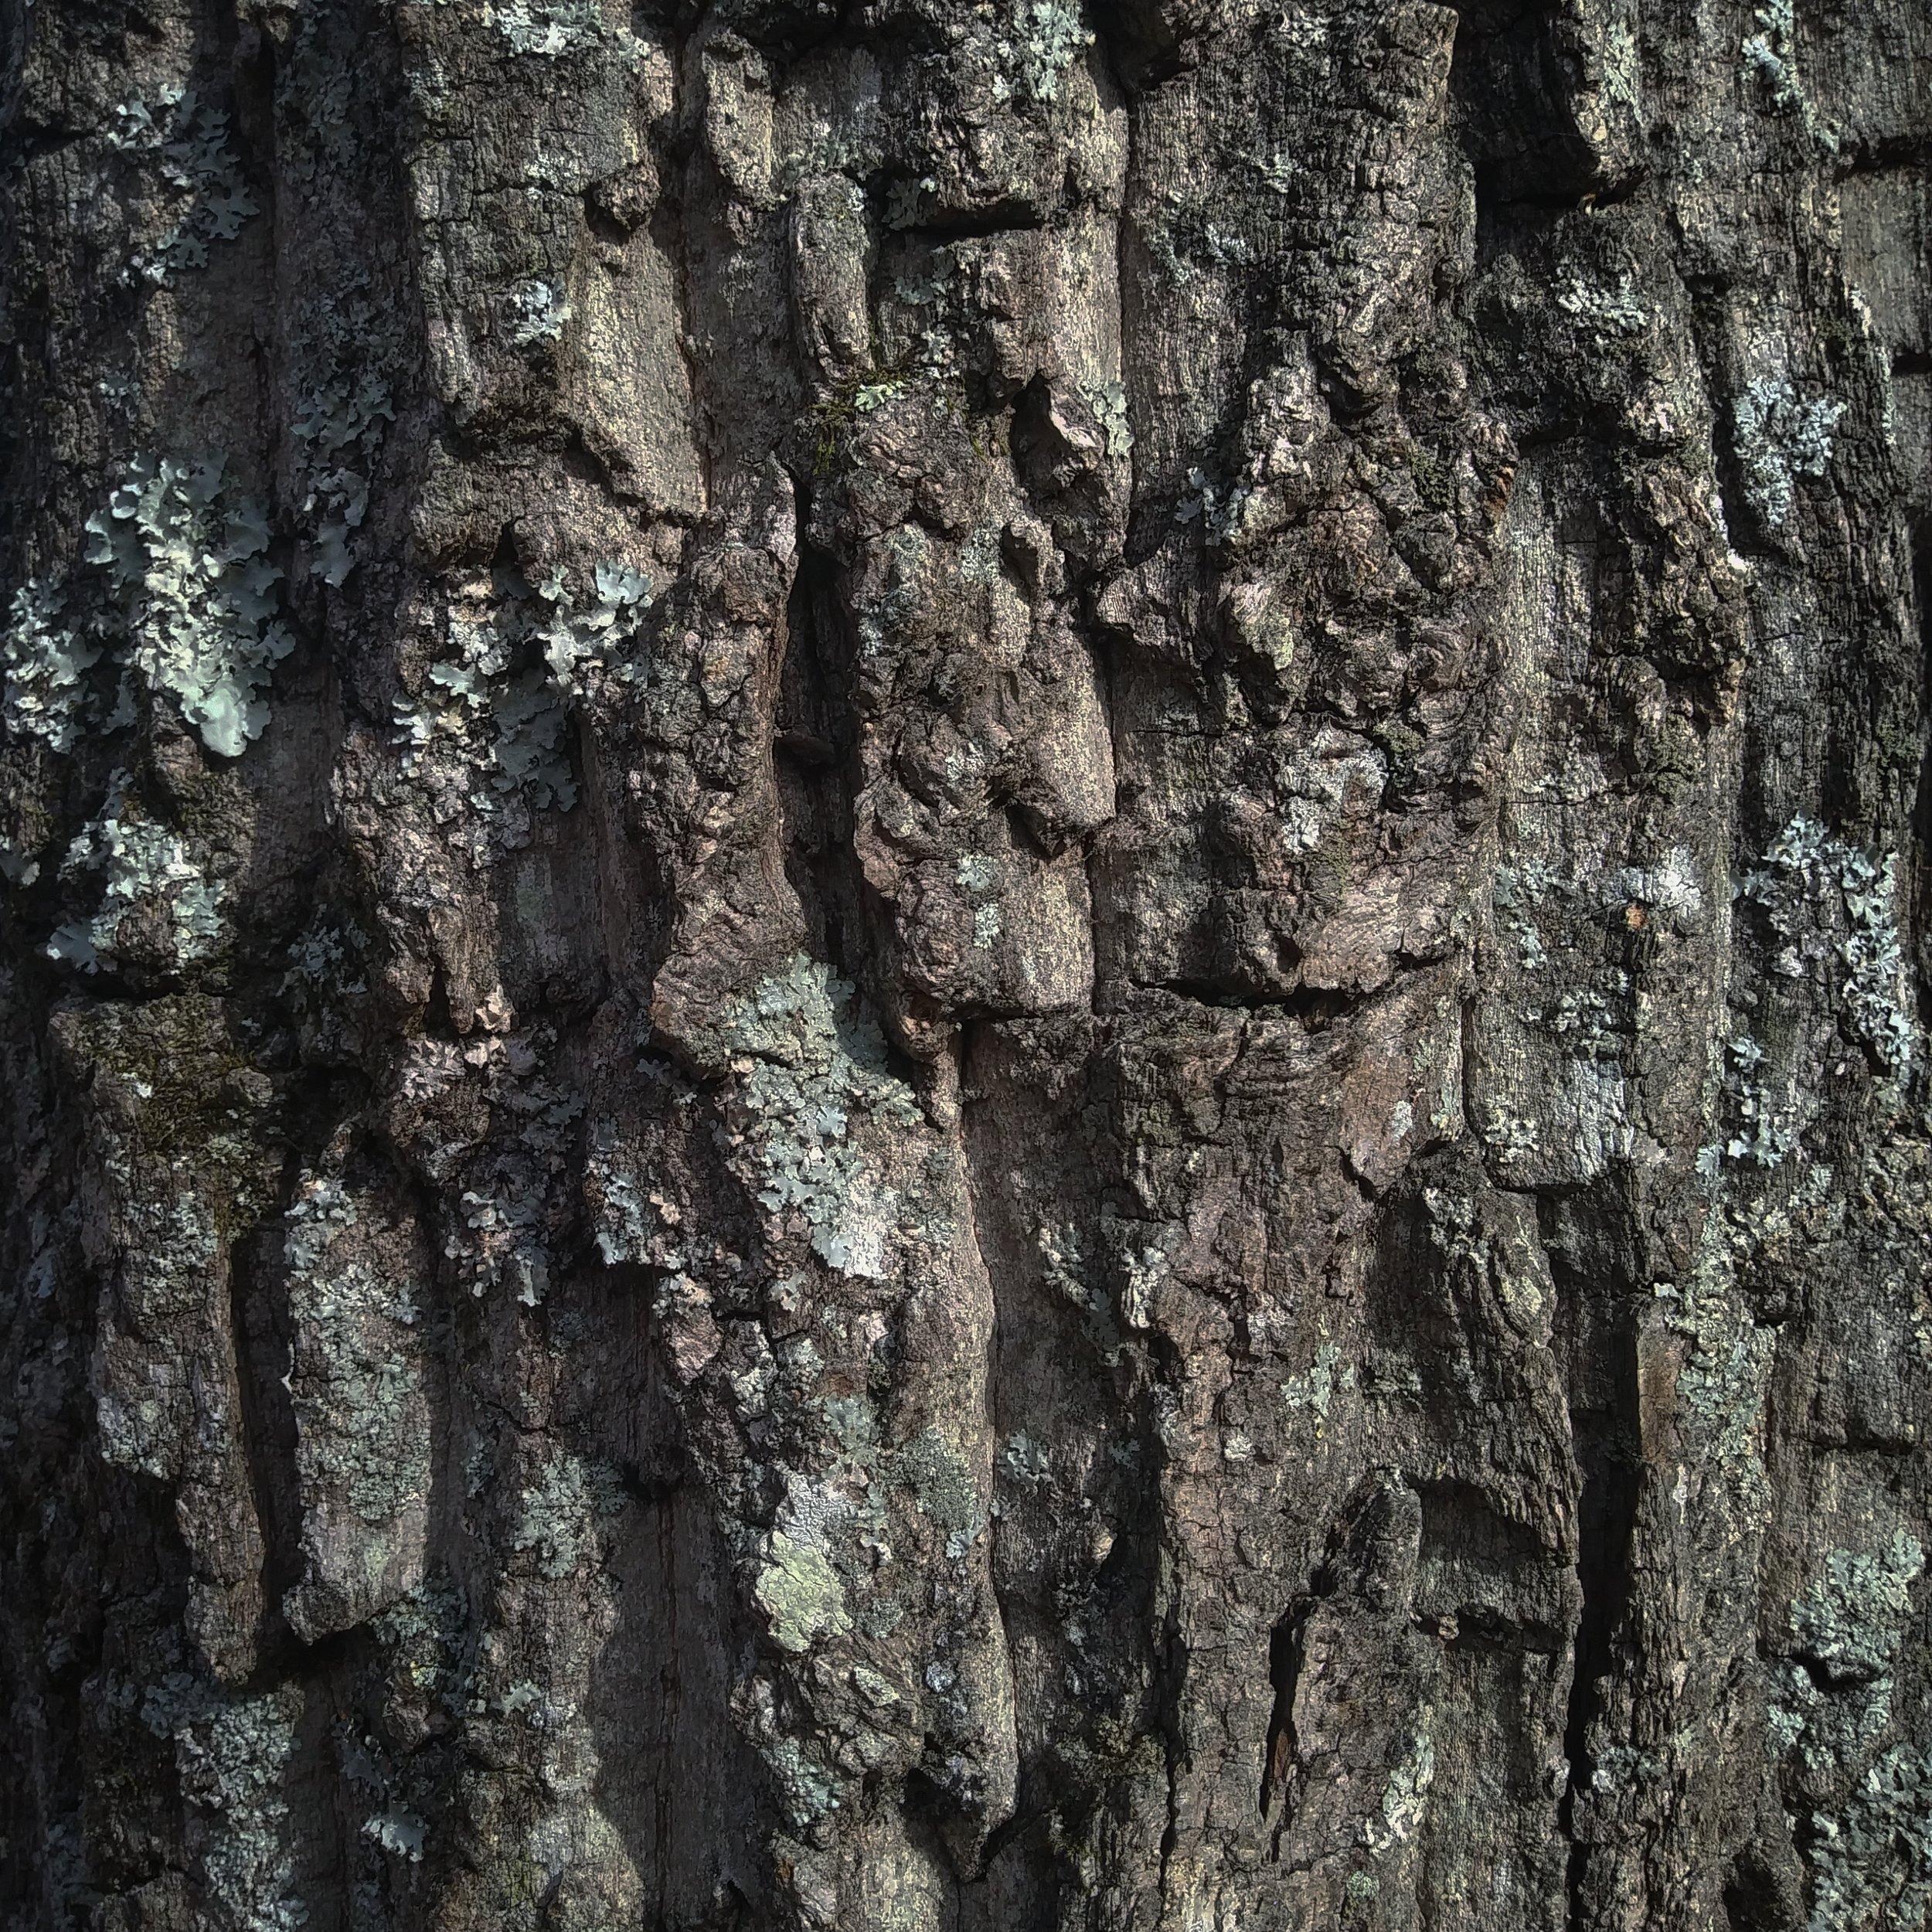 Oak bark.jpg